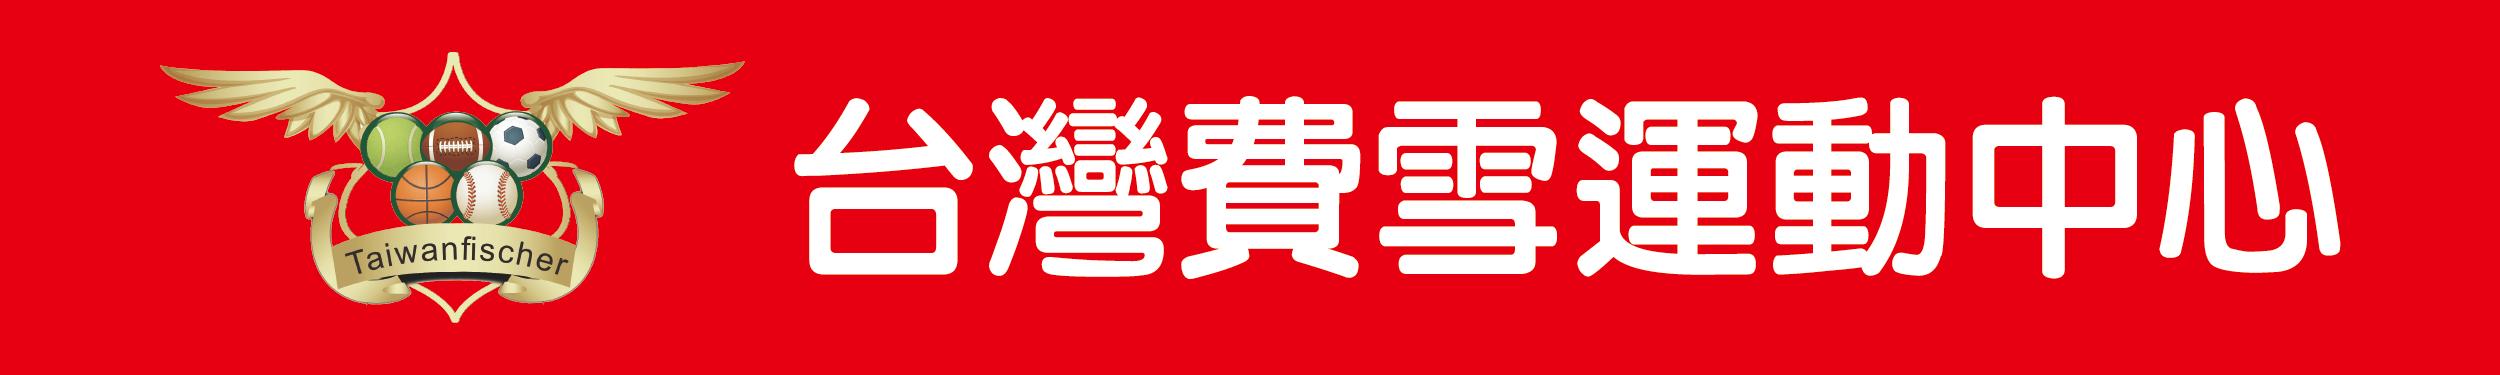 2015第三屆中信盃黑豹旗-全面引豹